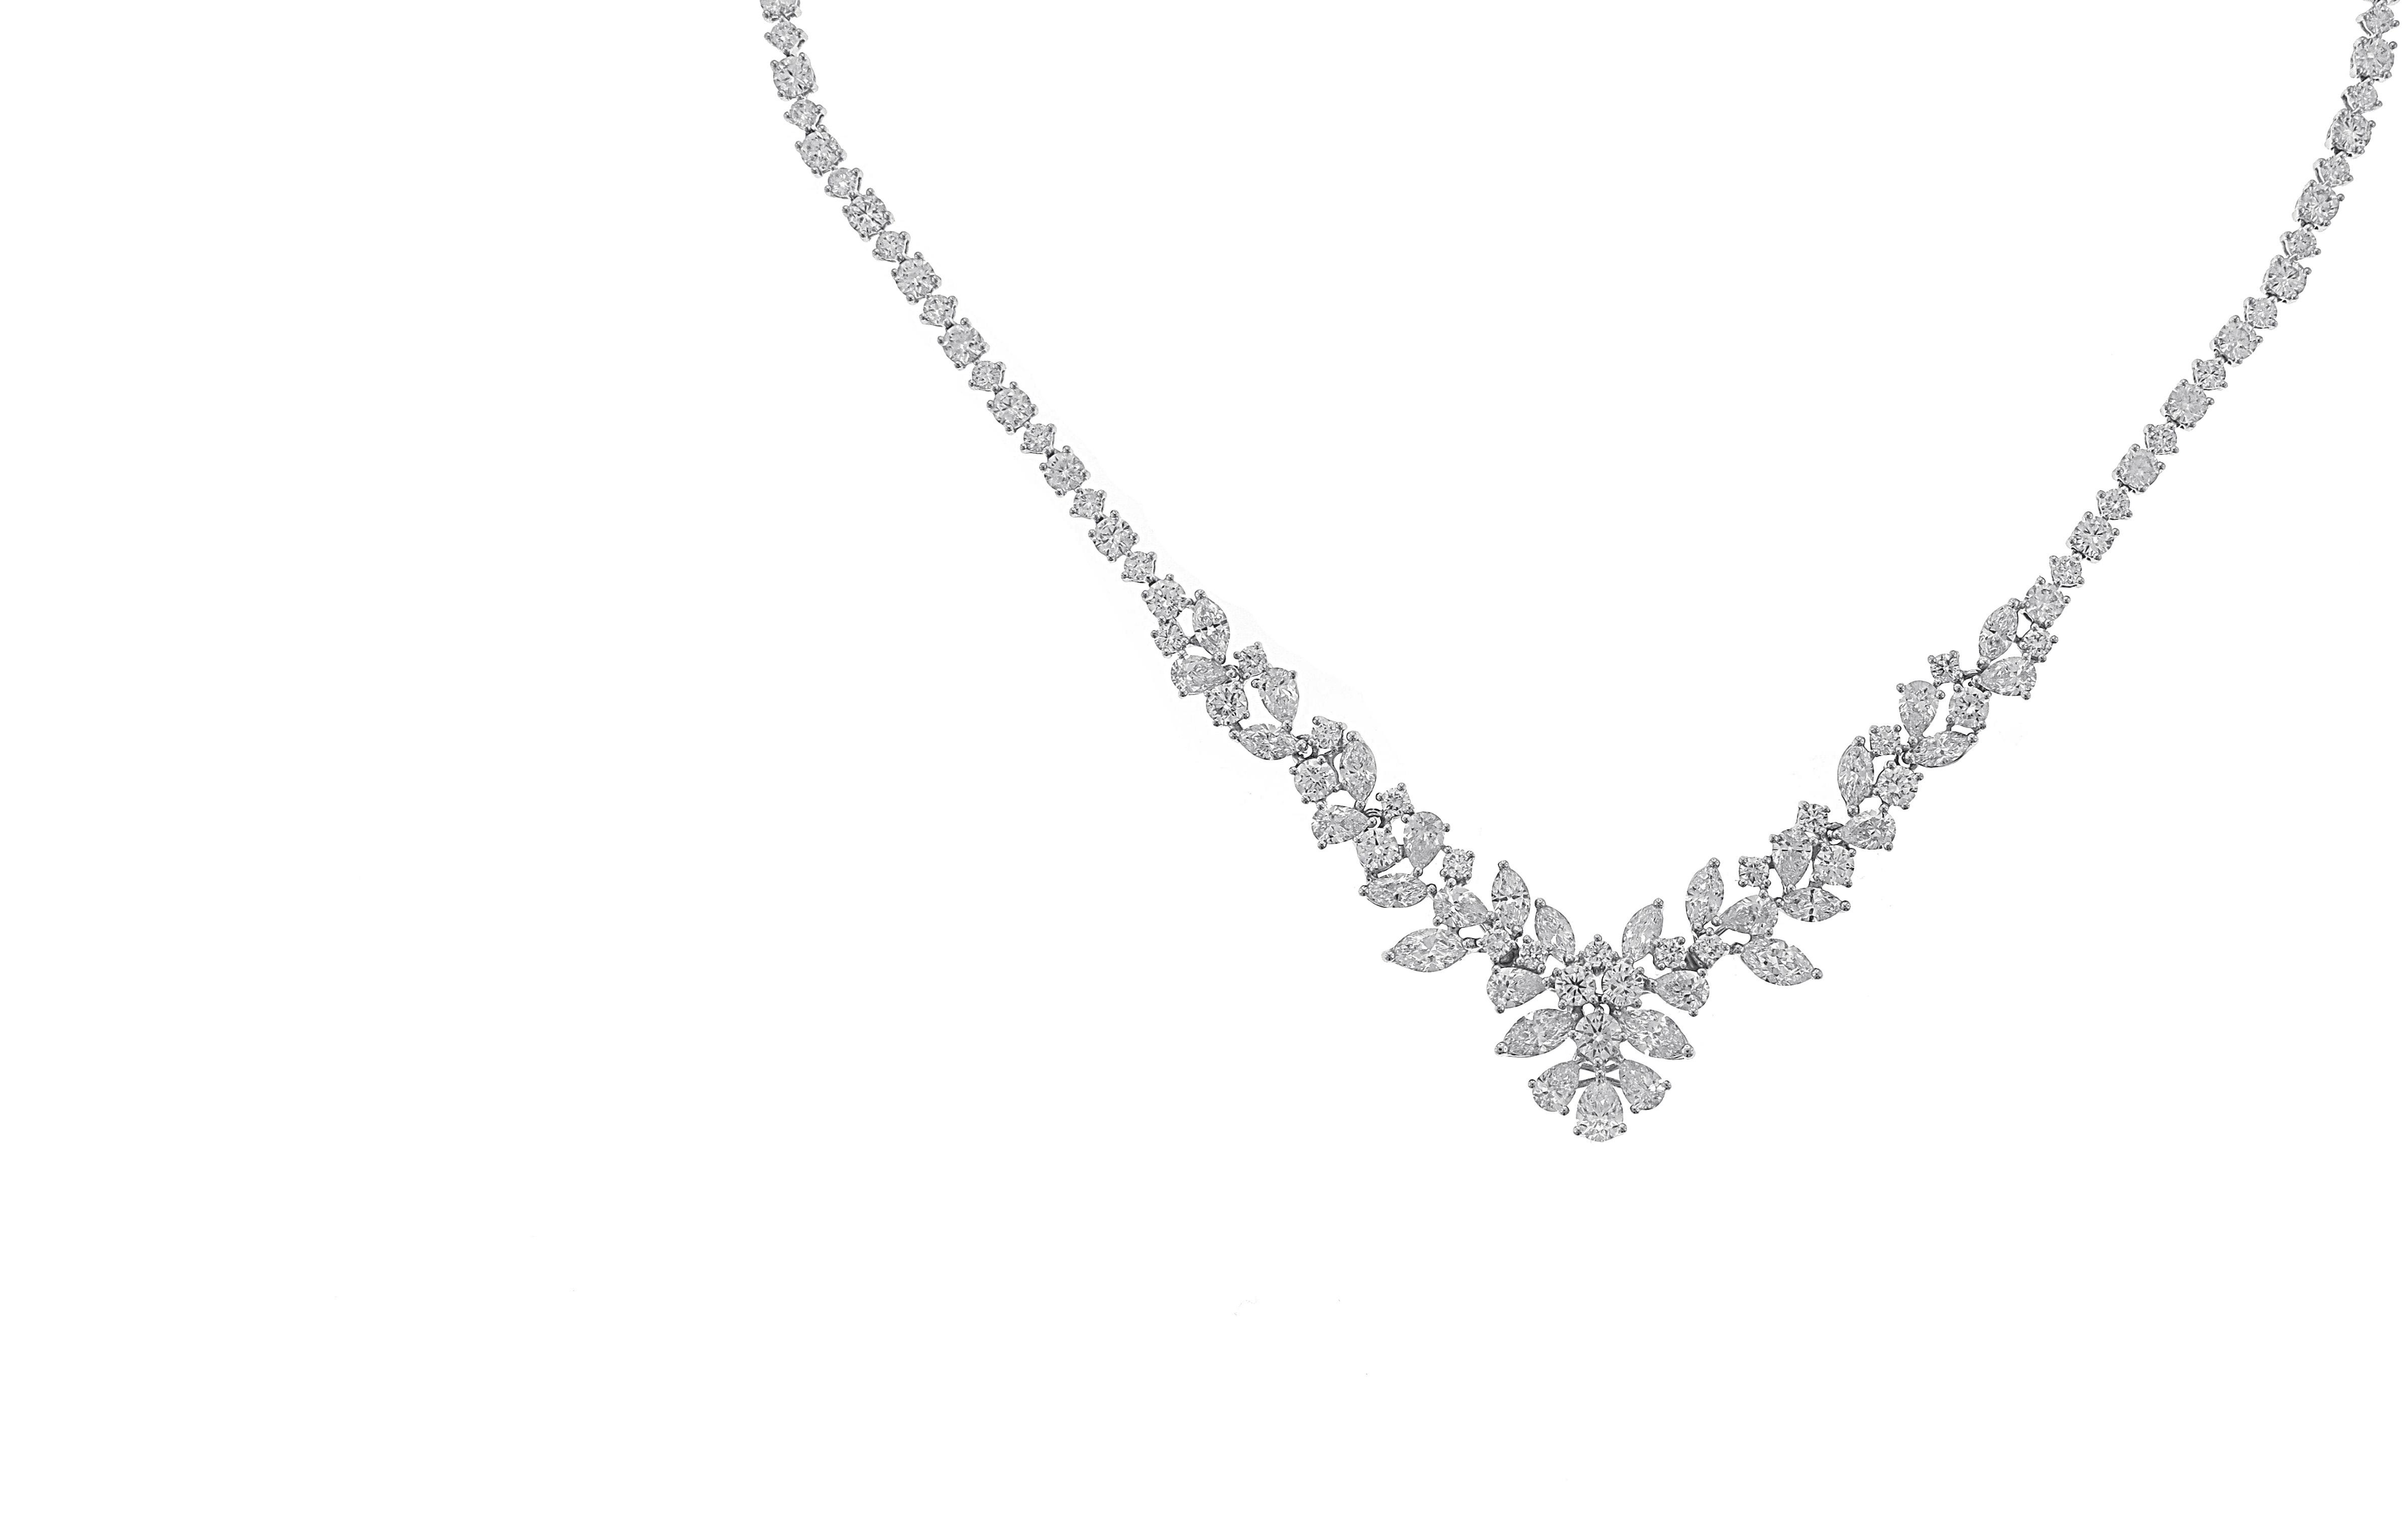 Diamond Necklaces